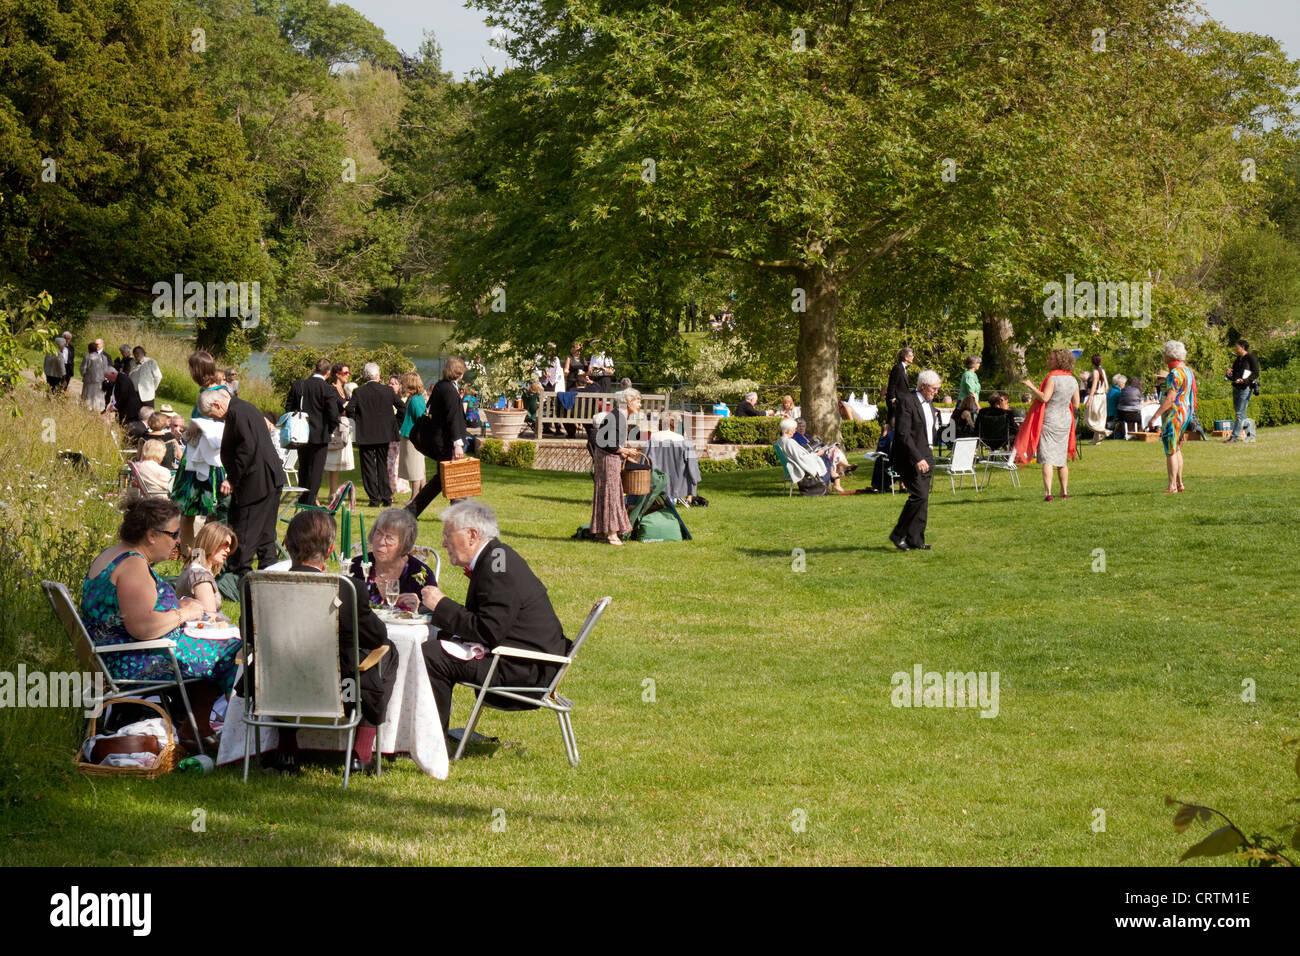 Glyndebourne festival picnic